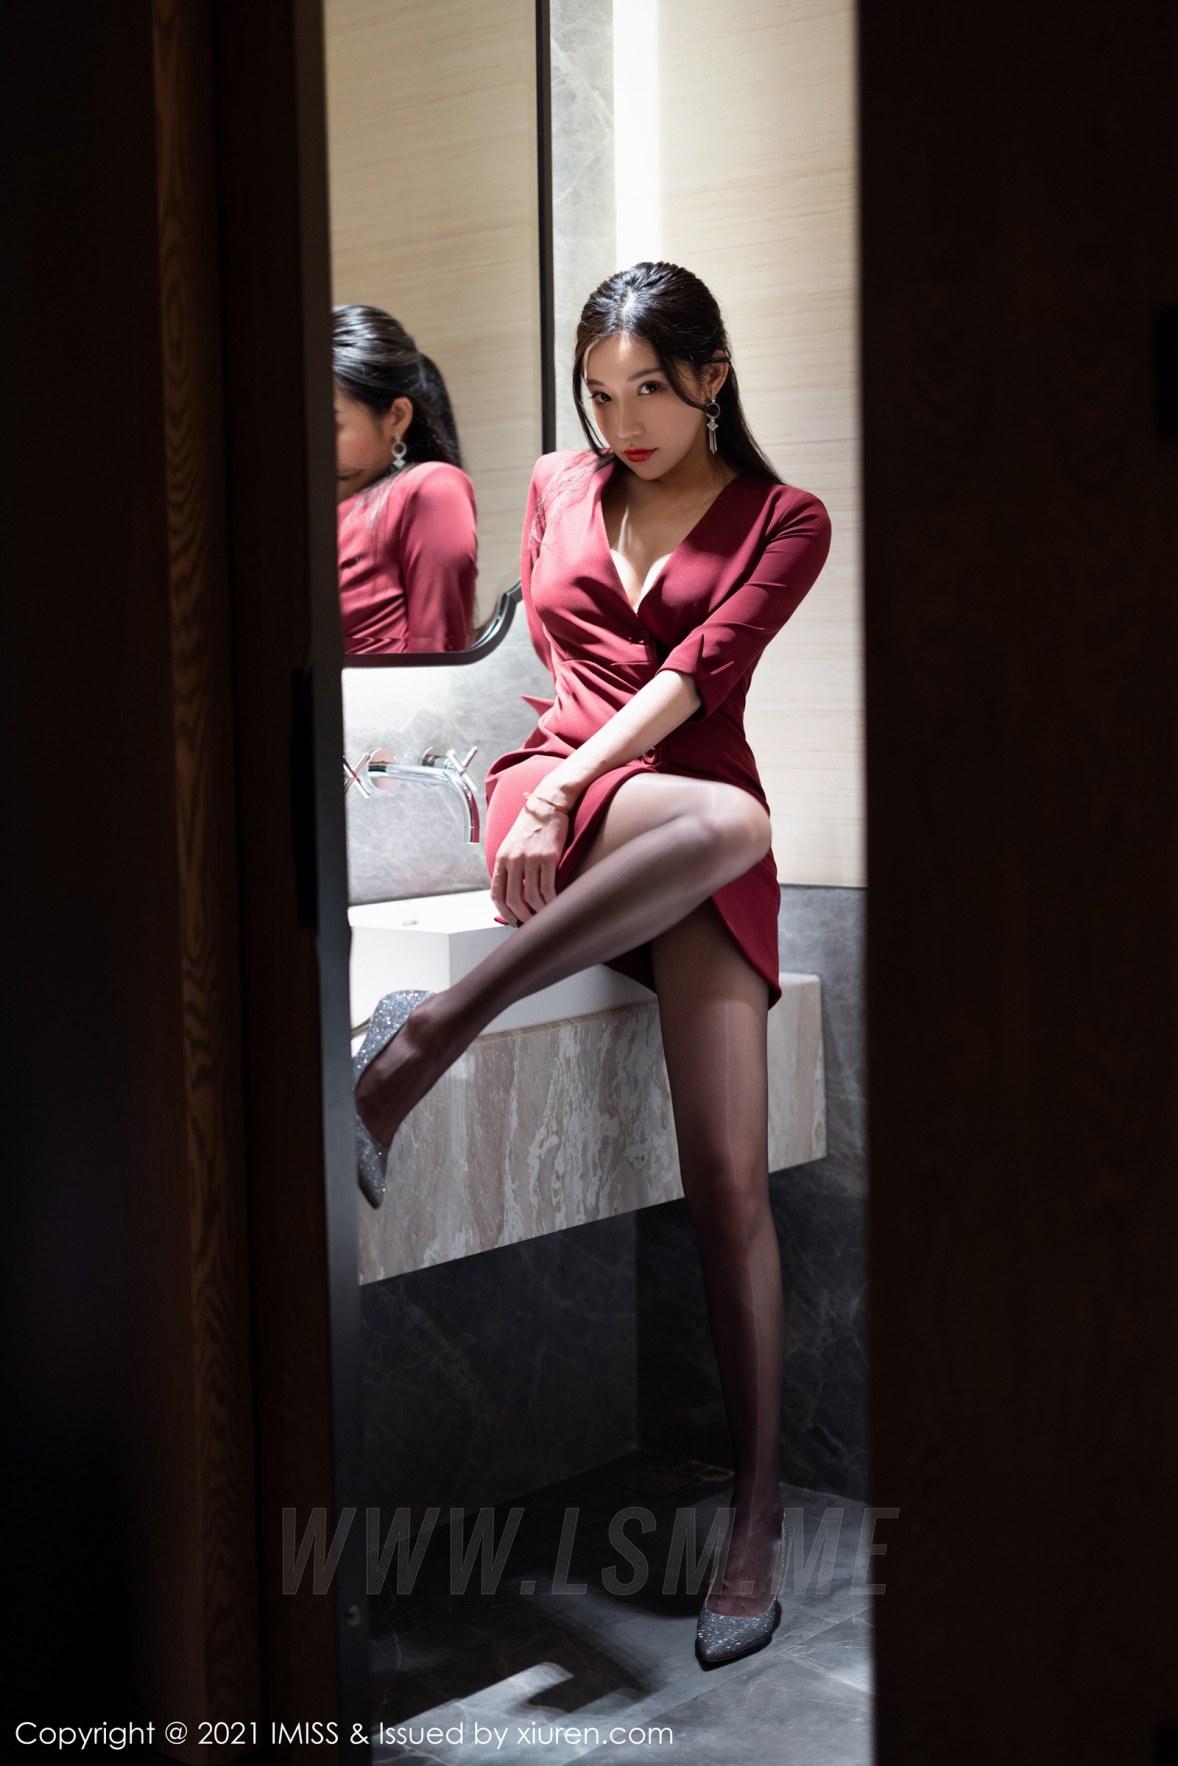 598 062 a2i 3602 5400 - IMiss 爱蜜社 Vol.598 魅惑黑丝 小狐狸Kathryn 性感写真3 - 爱蜜社 -【免费在线写真】【丽人丝语】